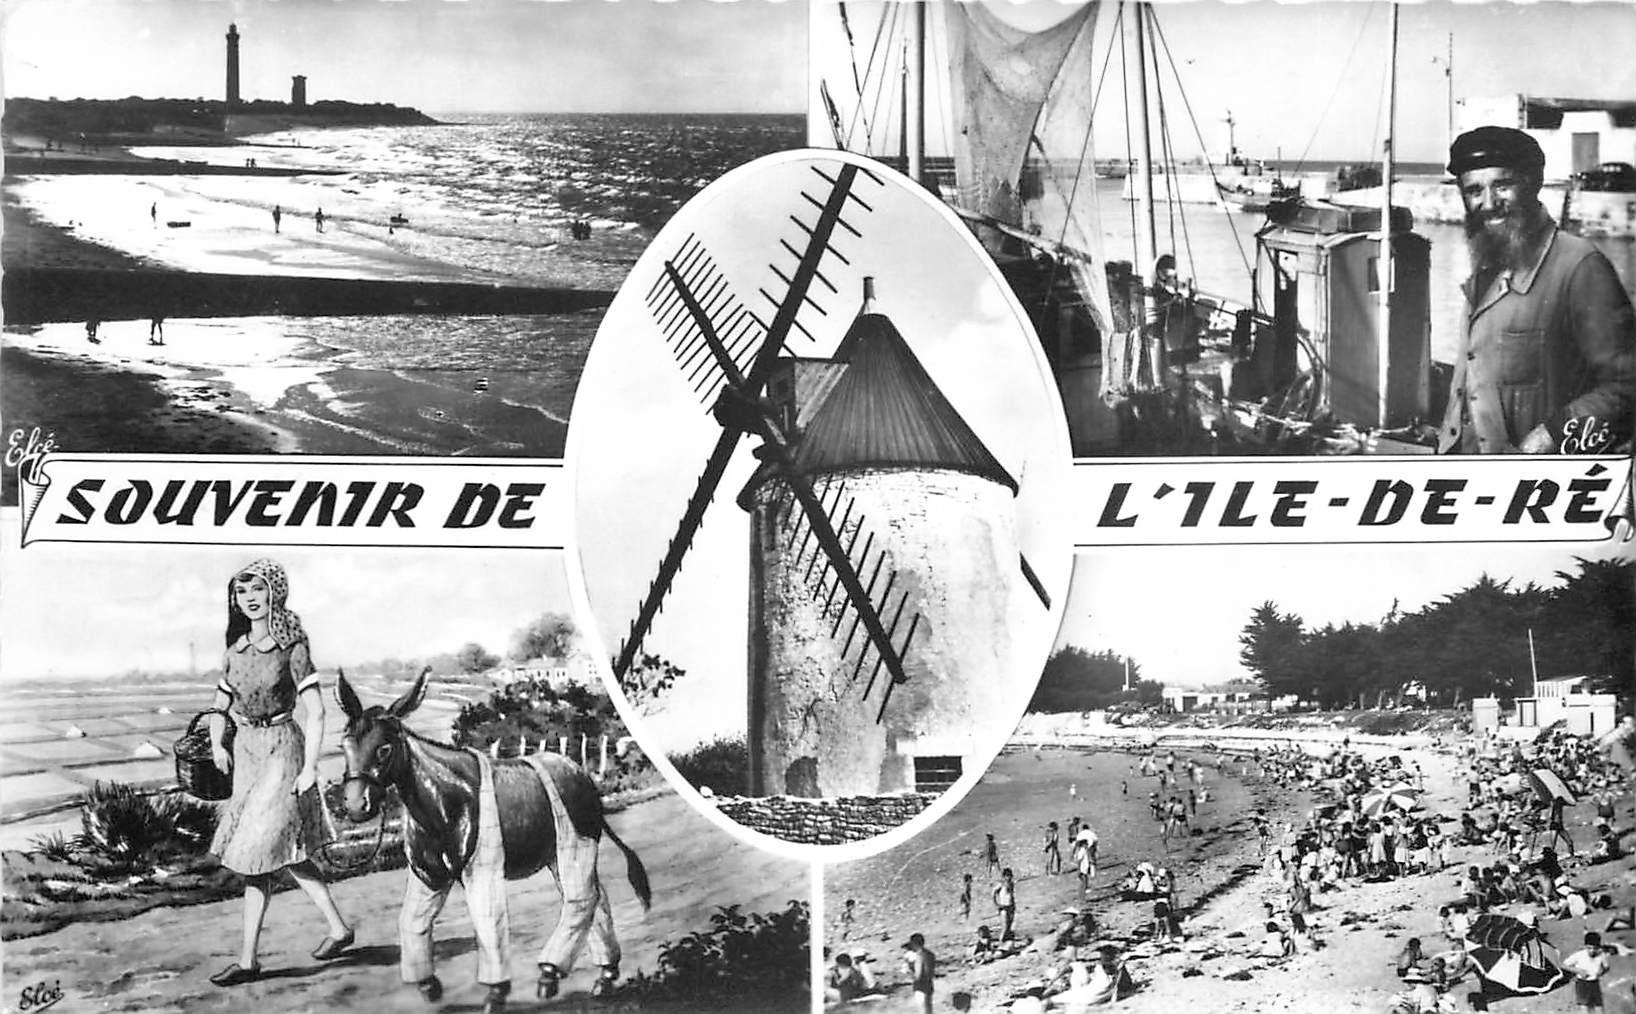 17 ILE DE RE. Vieux Moulin 1965